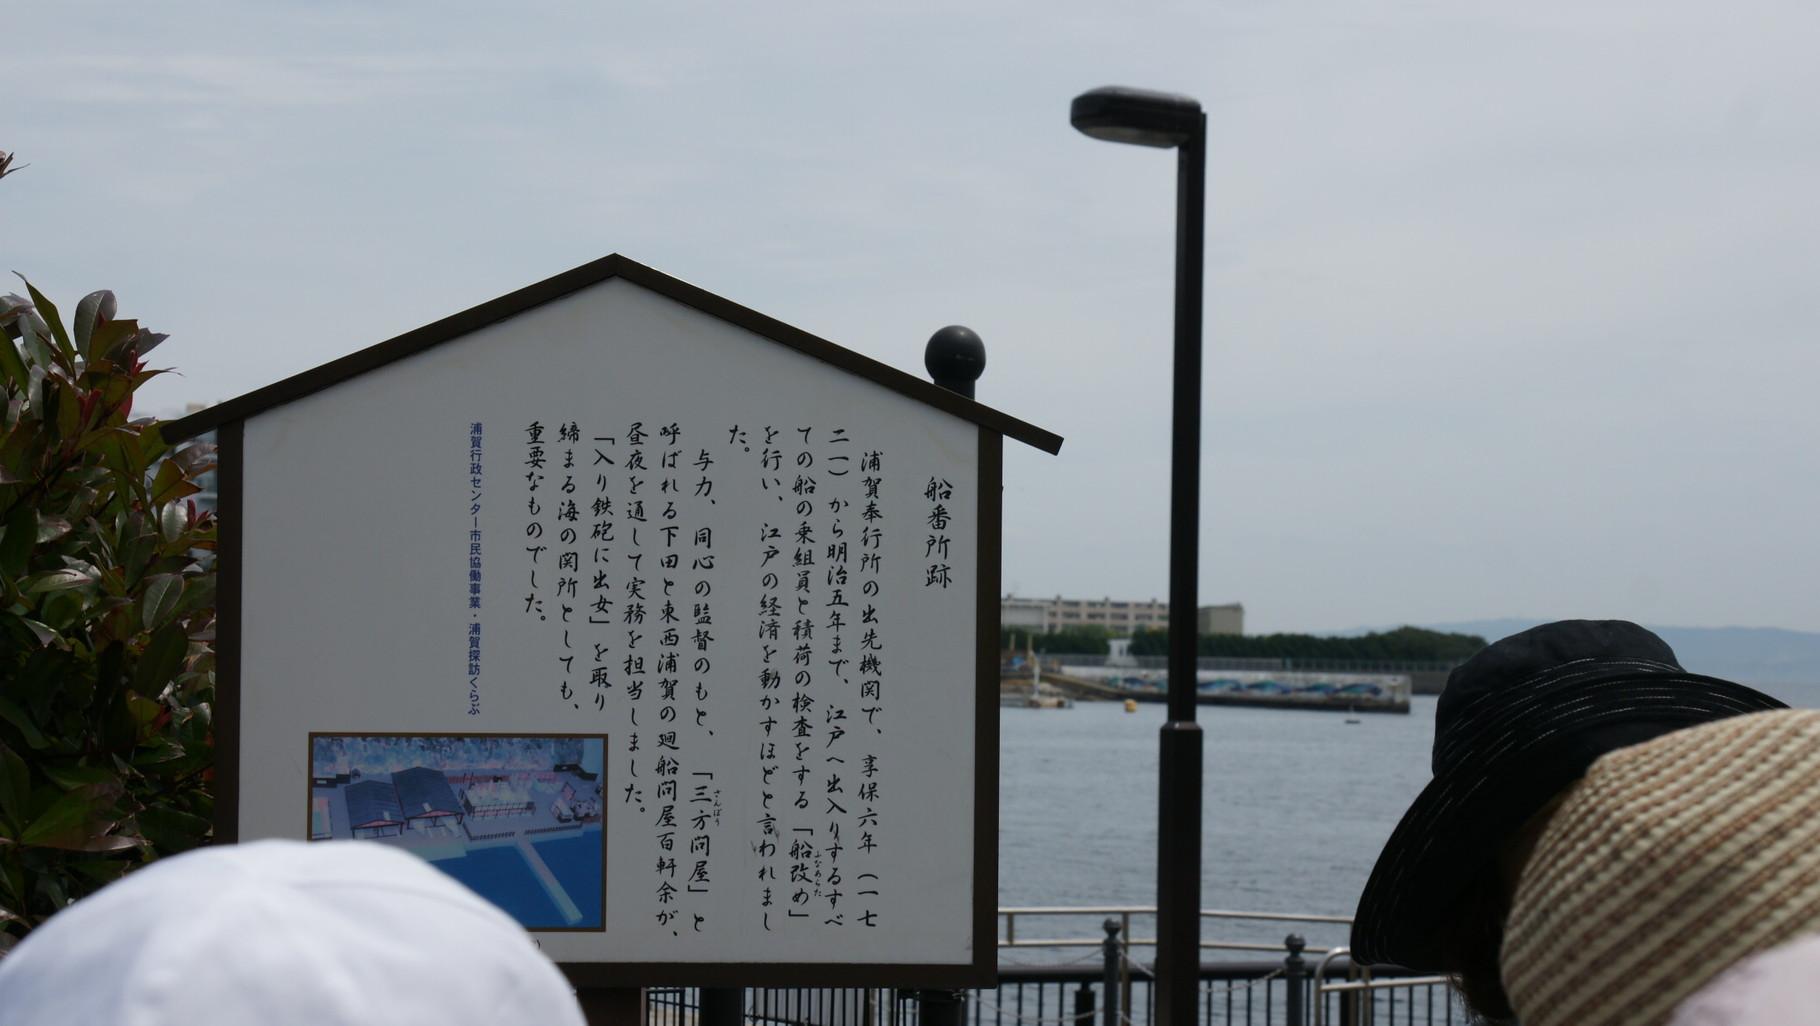 船番所跡、江戸の出入りの船の荷改め(検査)